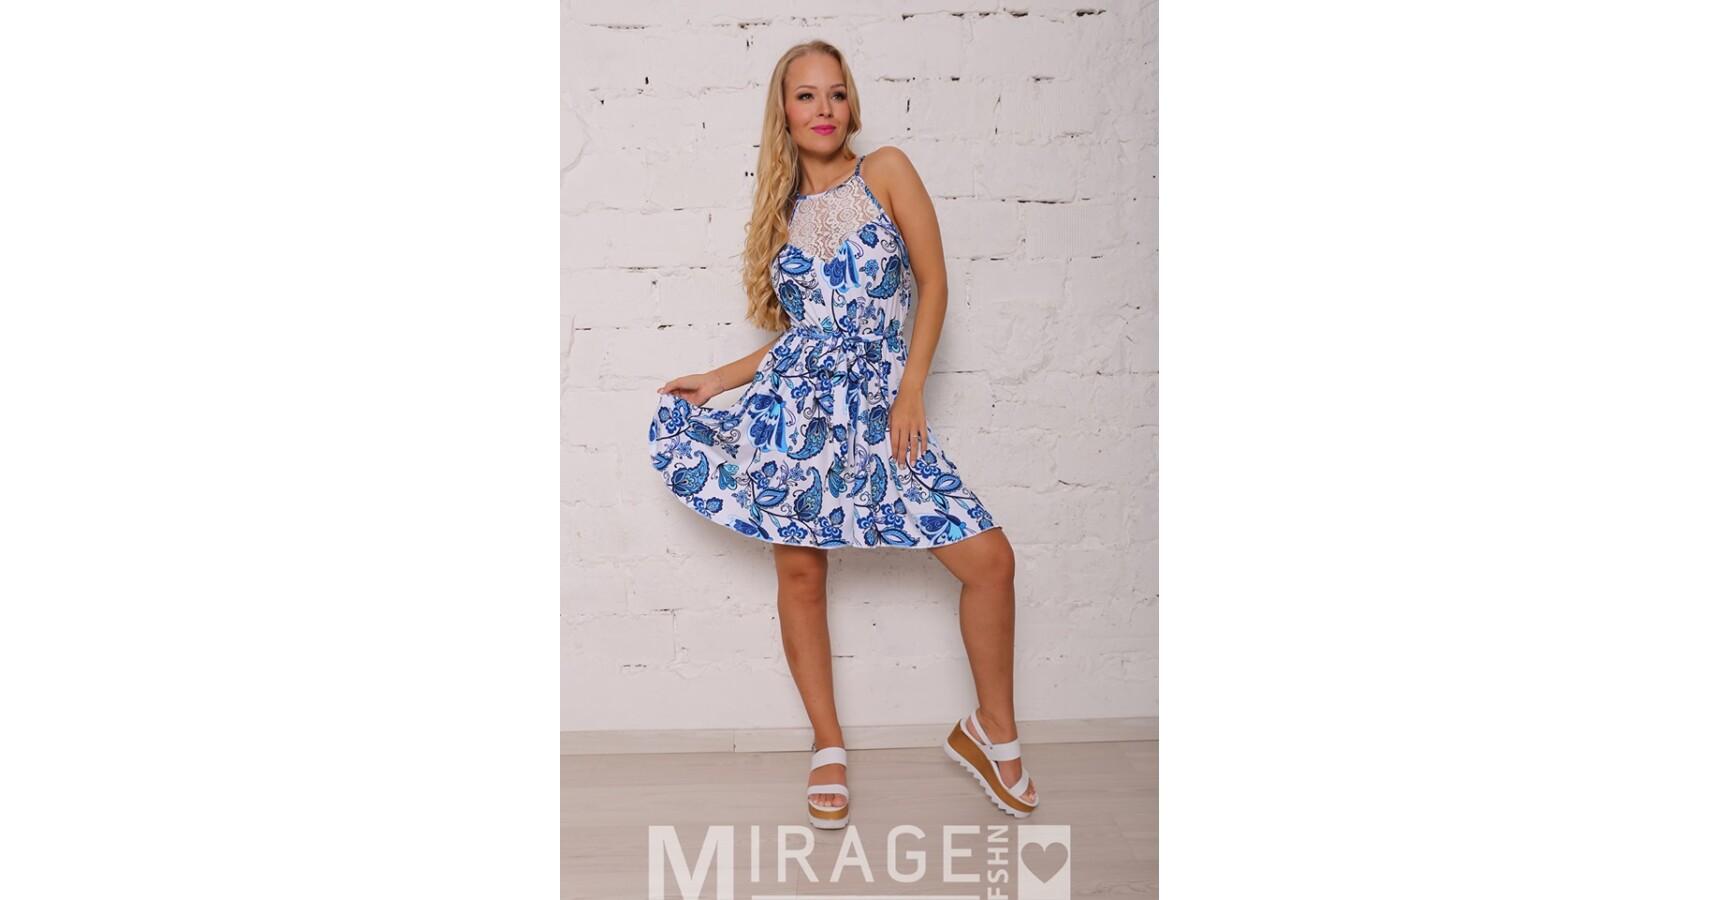 7e0934338c Rövid ruhák Mirage ruha Kanada csipkebetétes